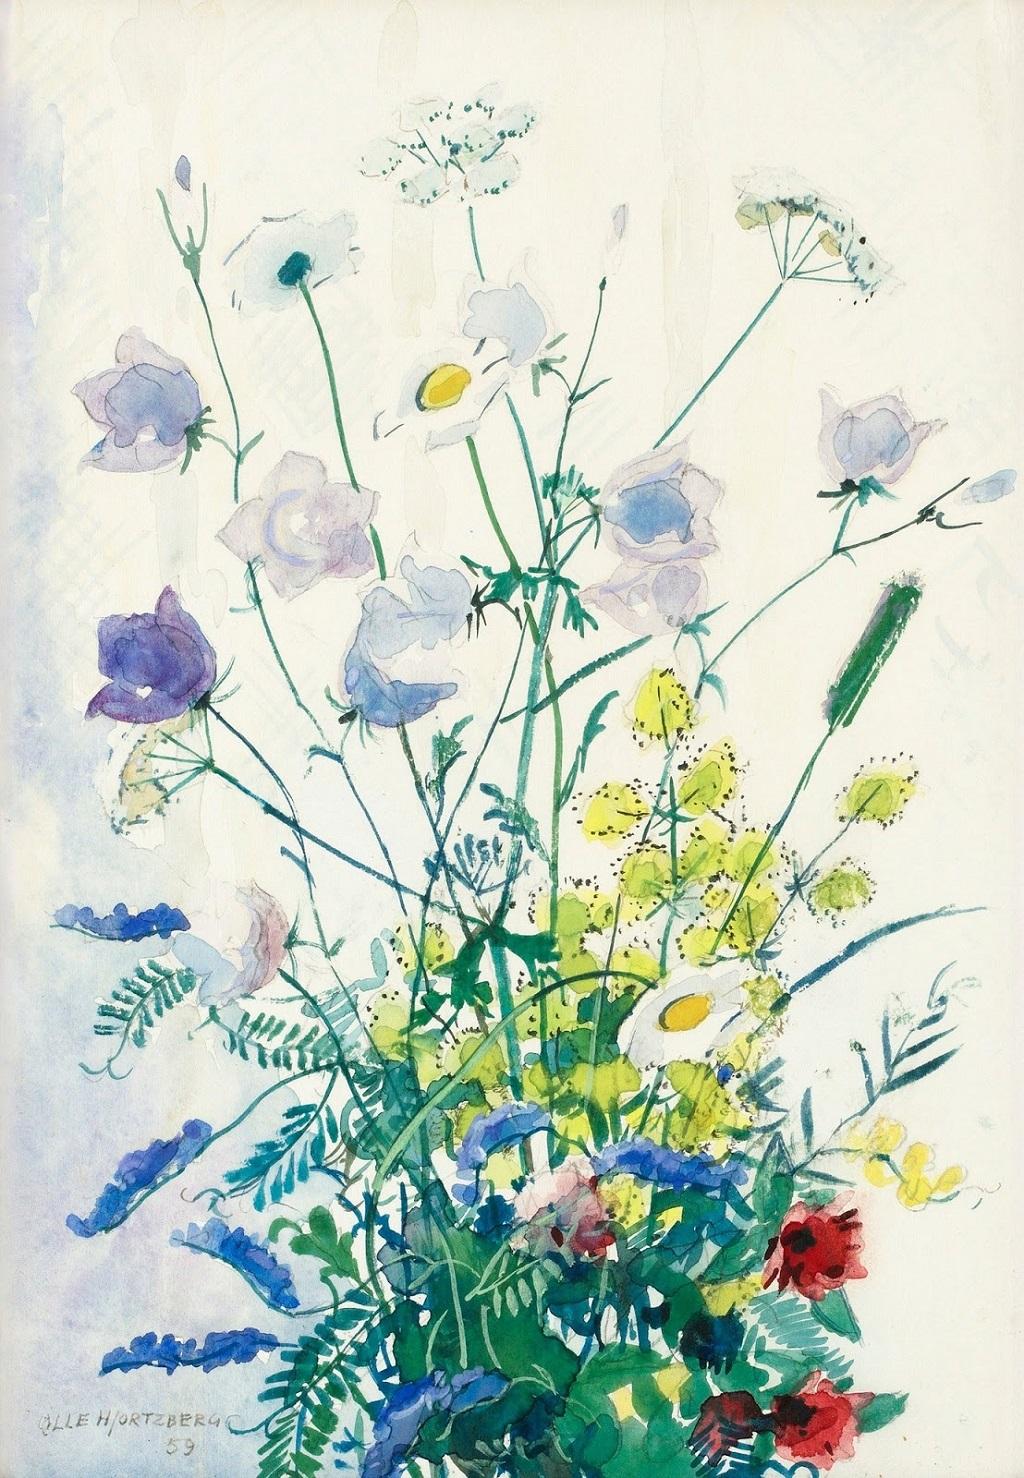 15 Луговые цветы_38 x 26_бумага, акварель_Частное собрание.jpg